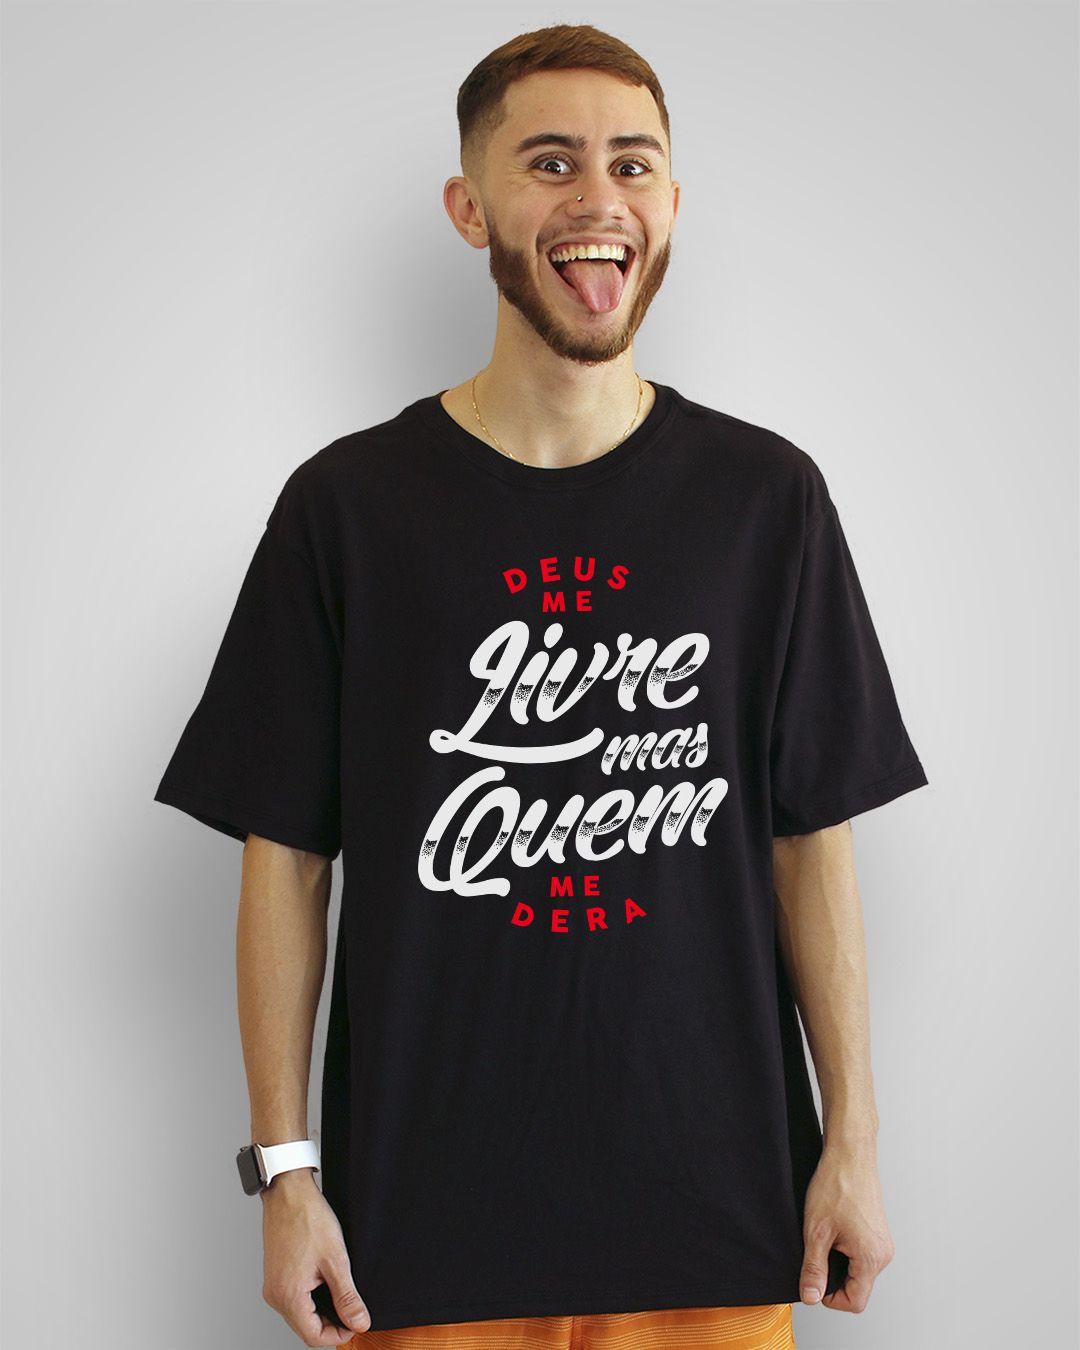 Camiseta Deus me livre, mas quem me dera